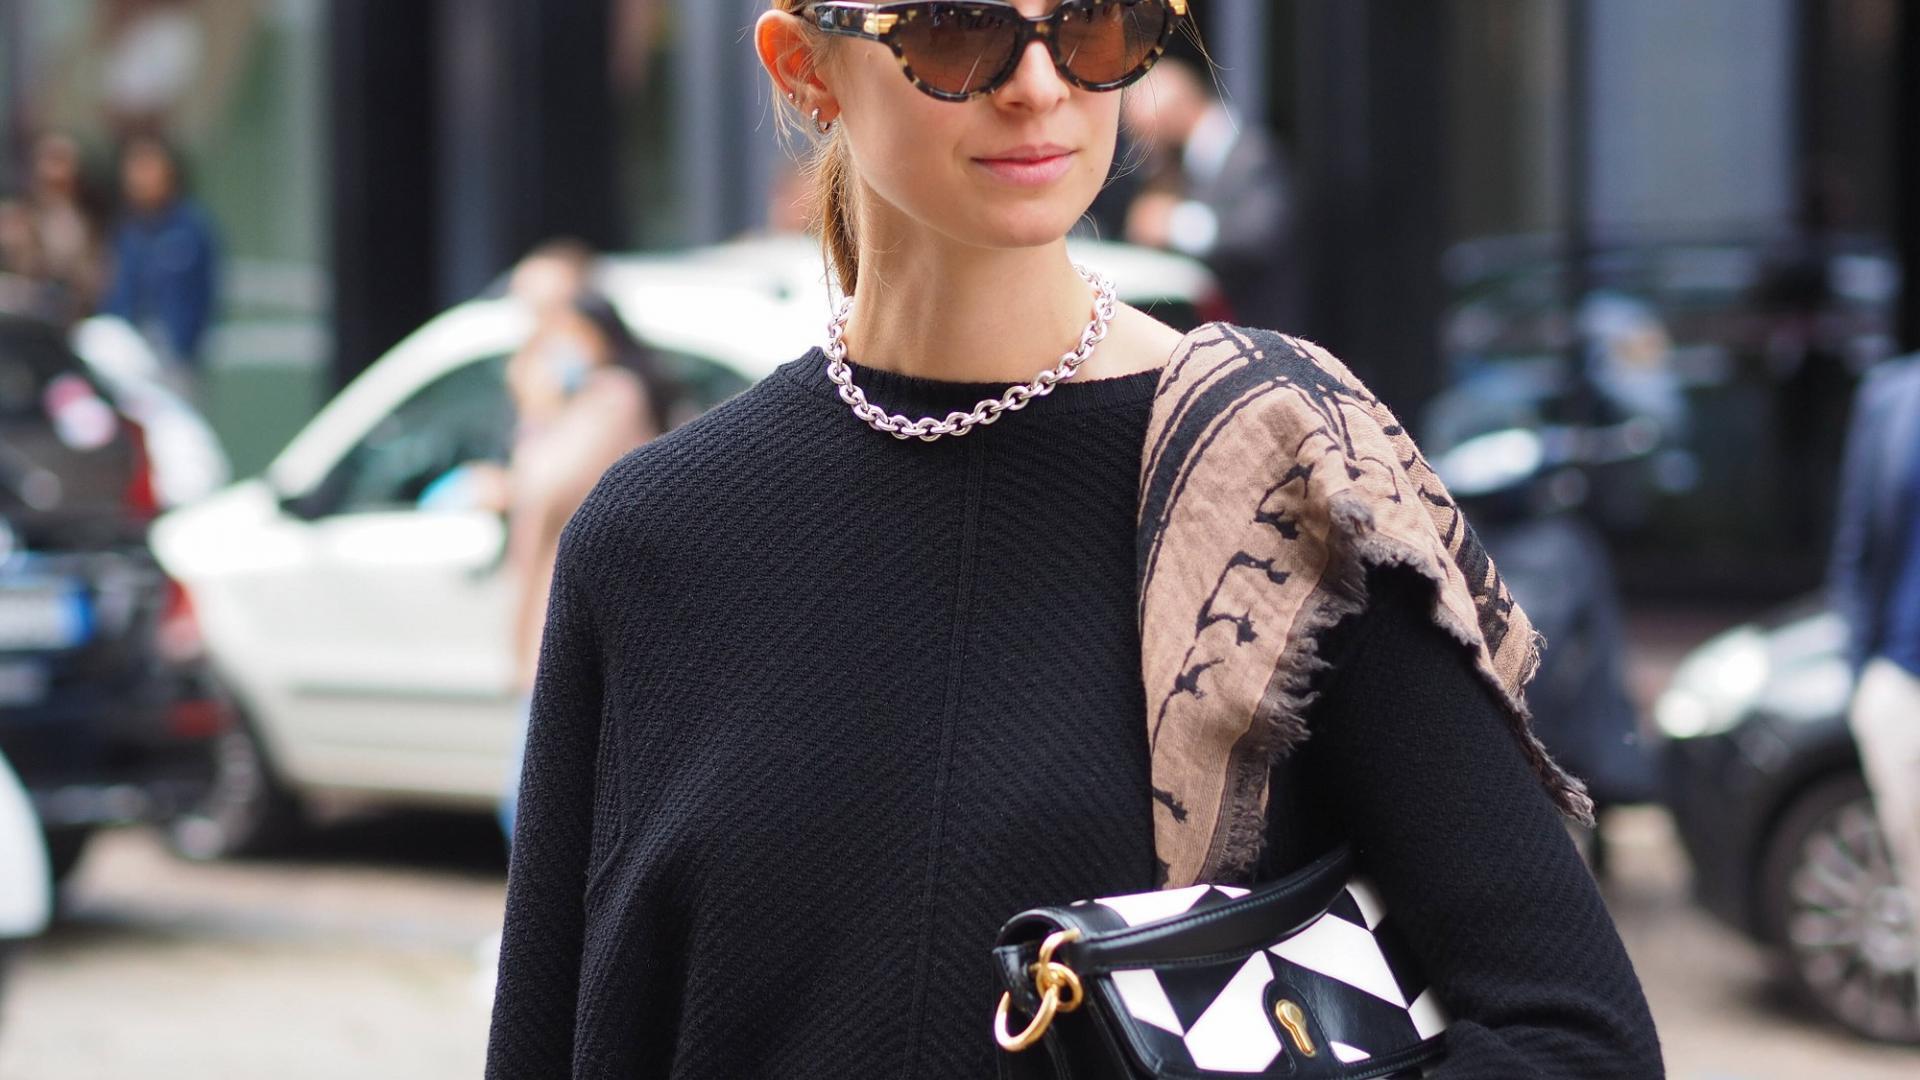 Mailand Fashionweek, Streetstyle, Jacqueline Zelwiss